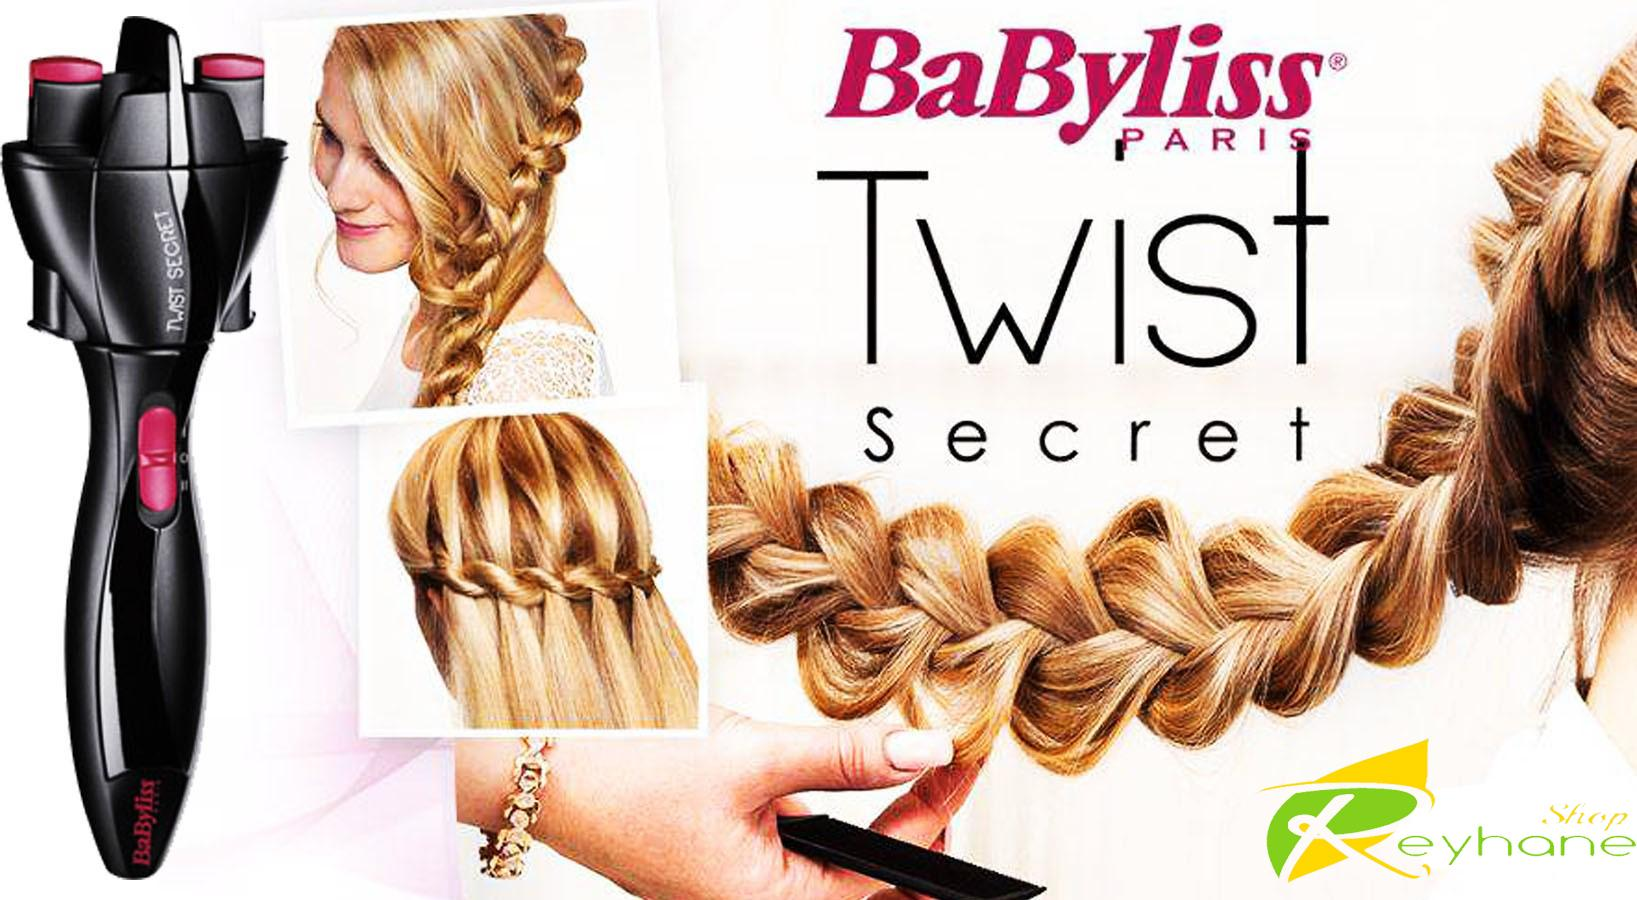 دستگاه بافت مو Babyliss Twist secret